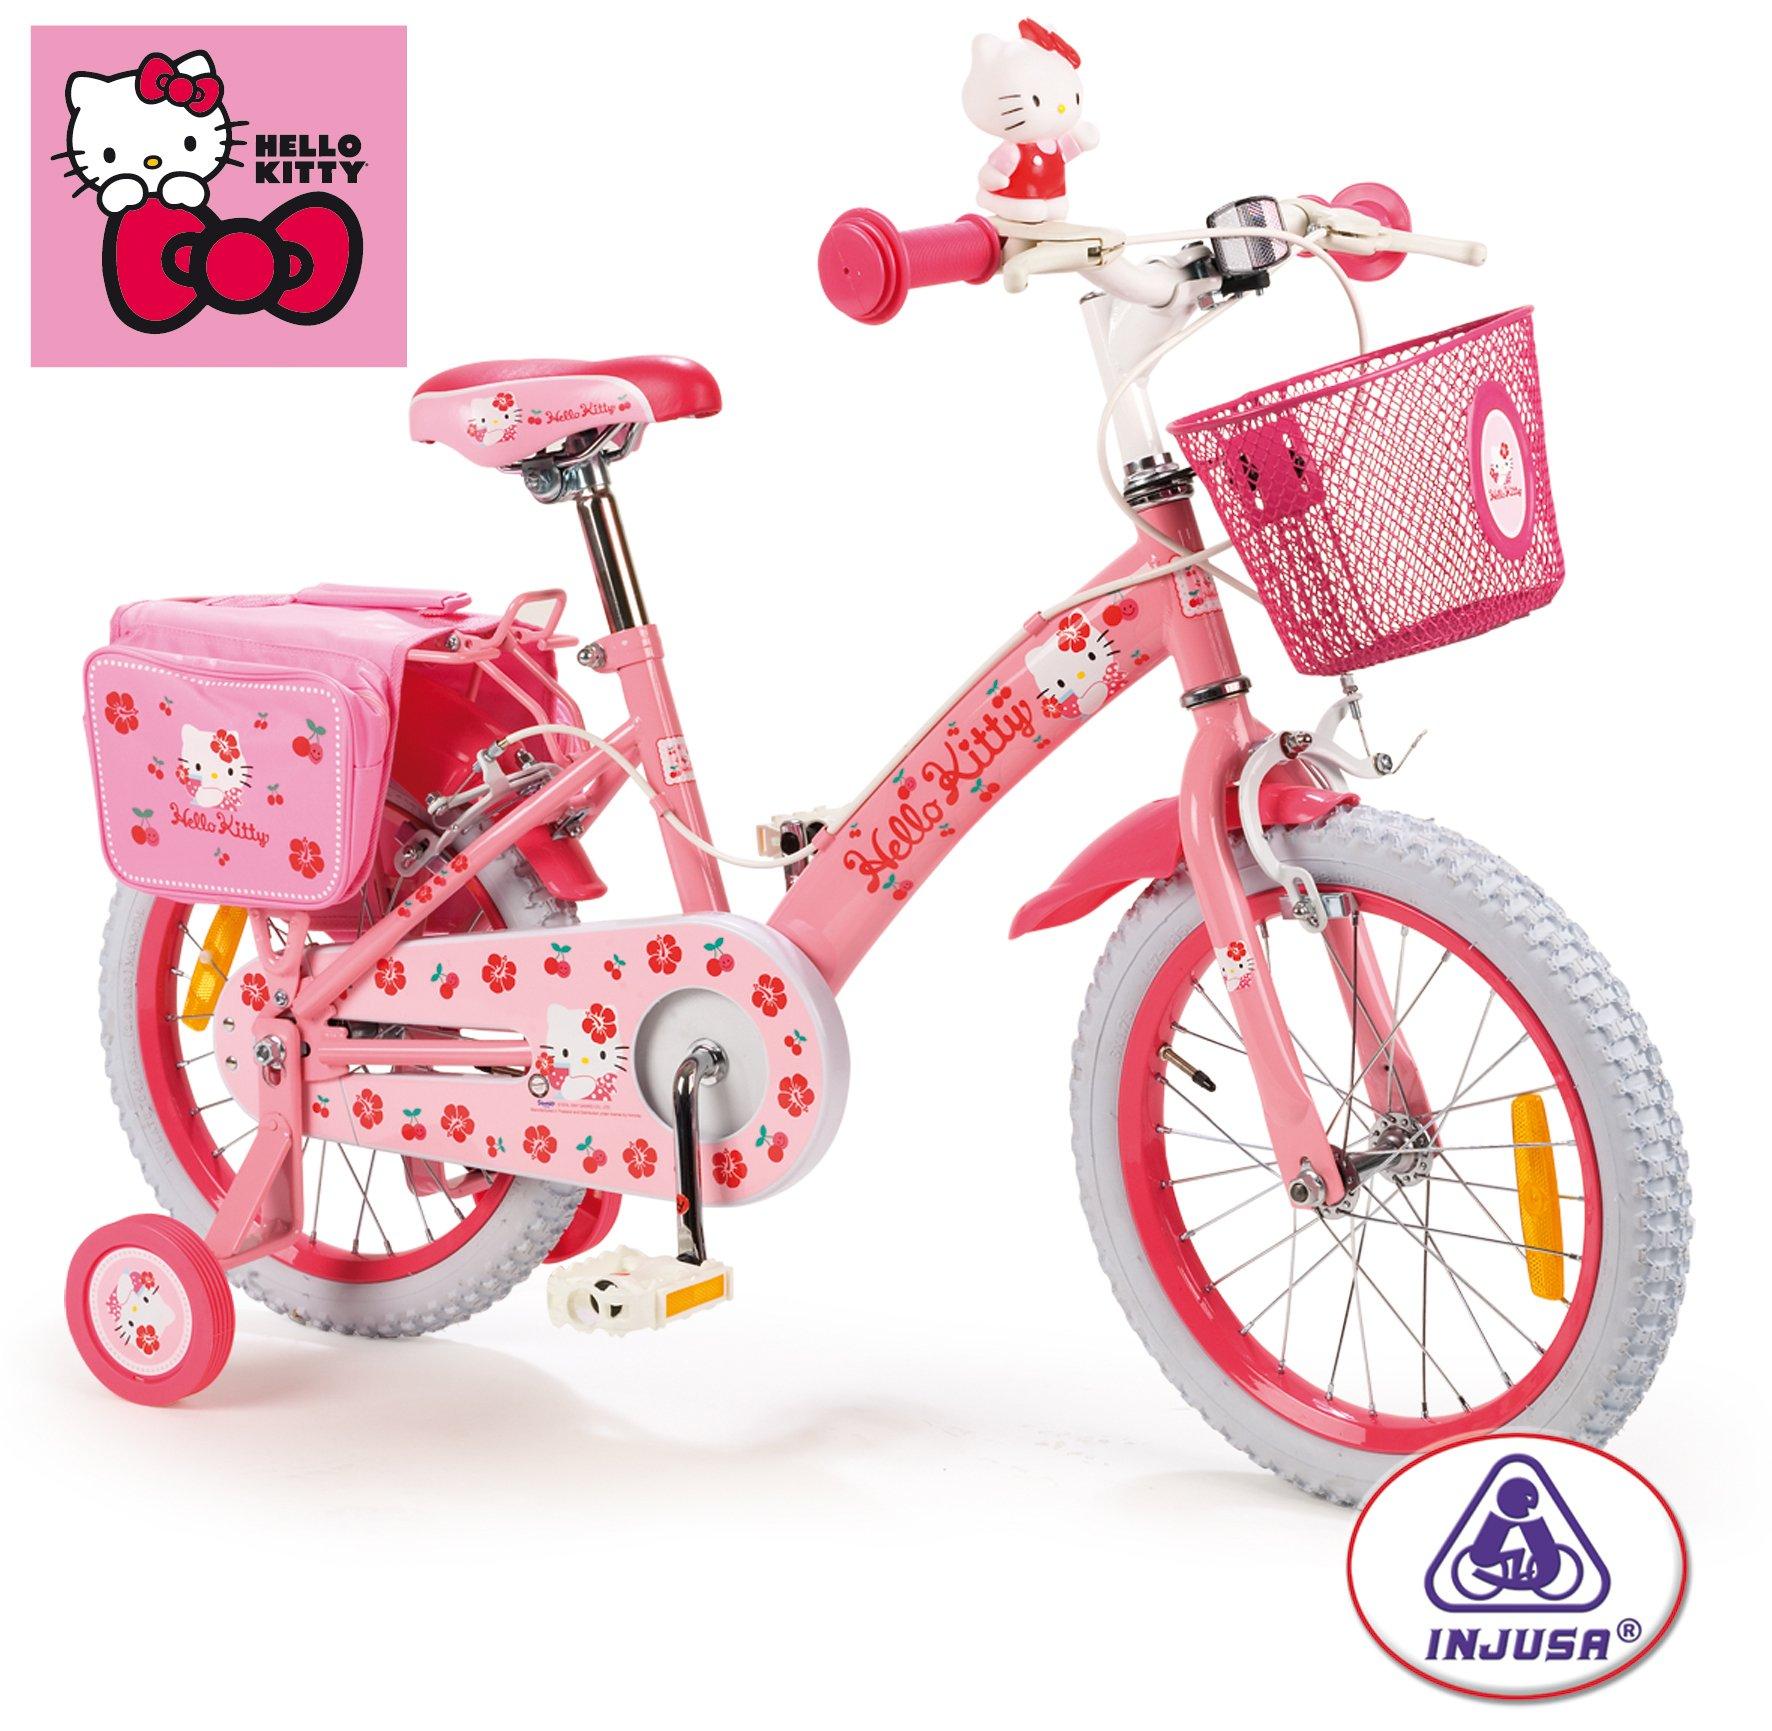 INJUSA 609001 - Bicicleta Hello Kitty 3/6 Años: Amazon.es ...